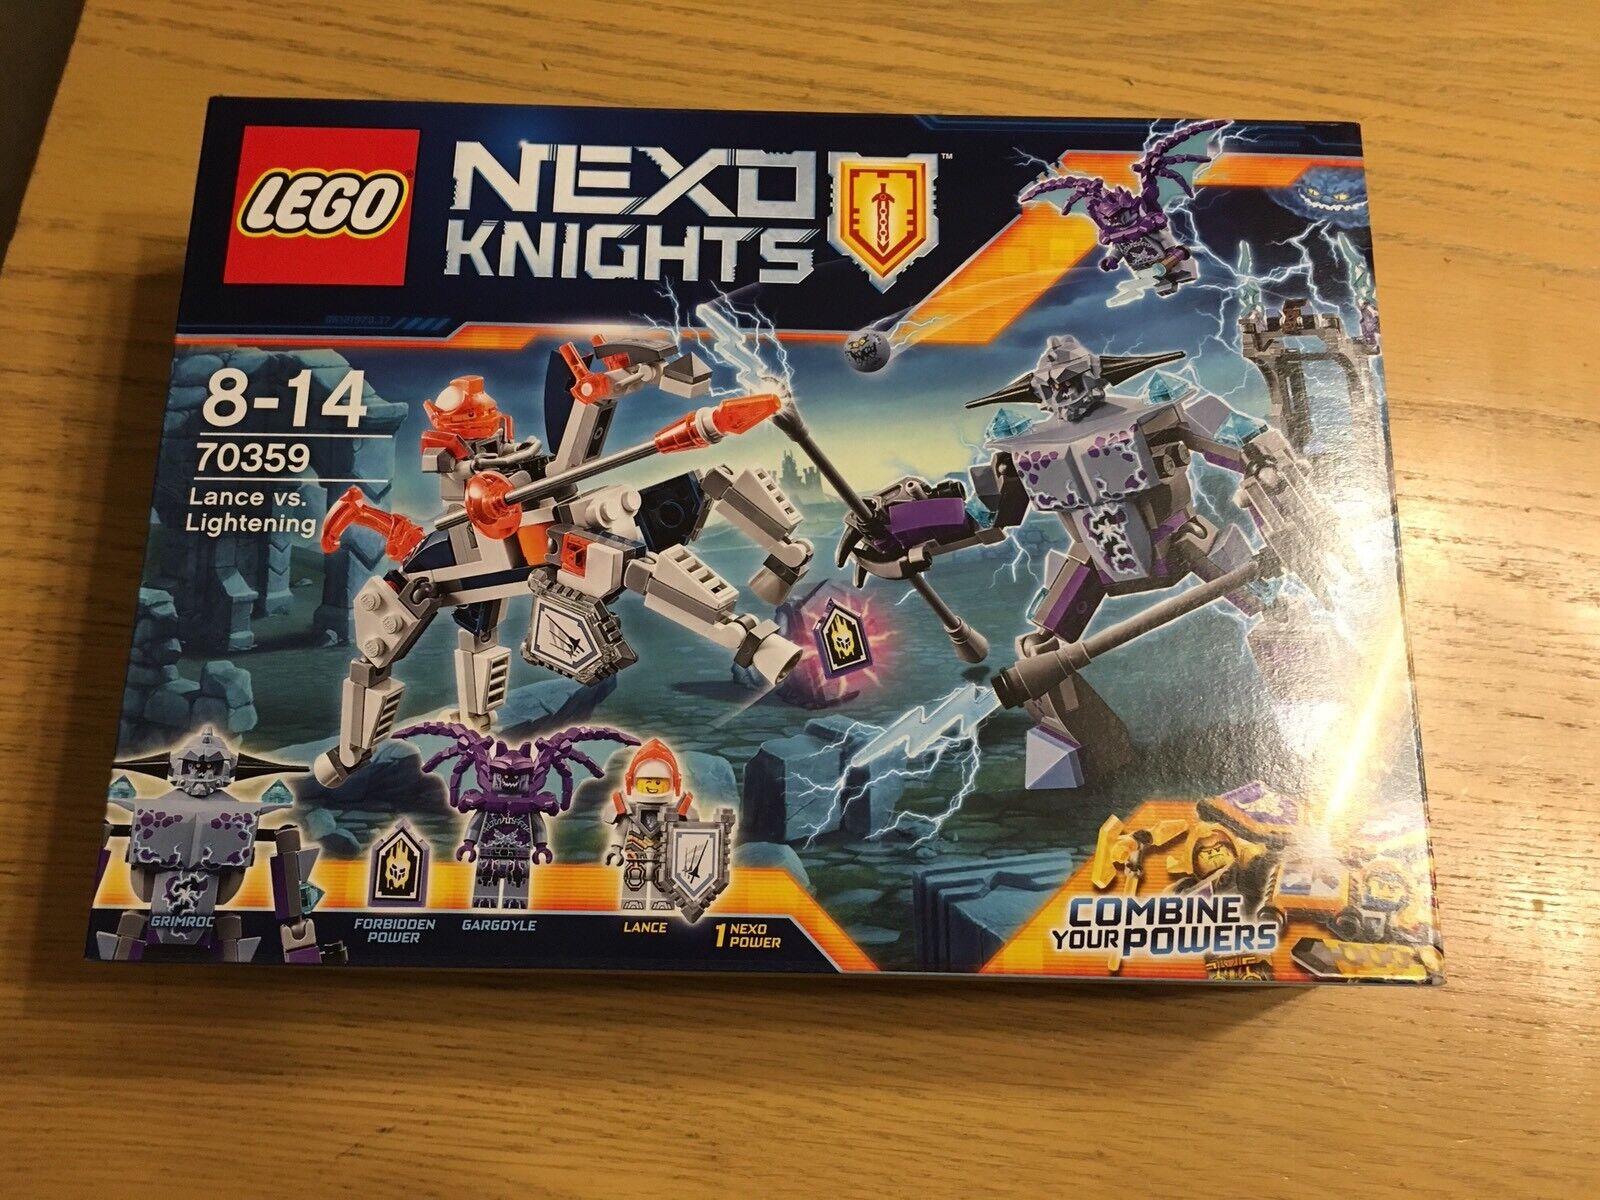 LEGO NEXO KNIGHTS LANCE vs LIGHTNING 70359 NEW Box Set